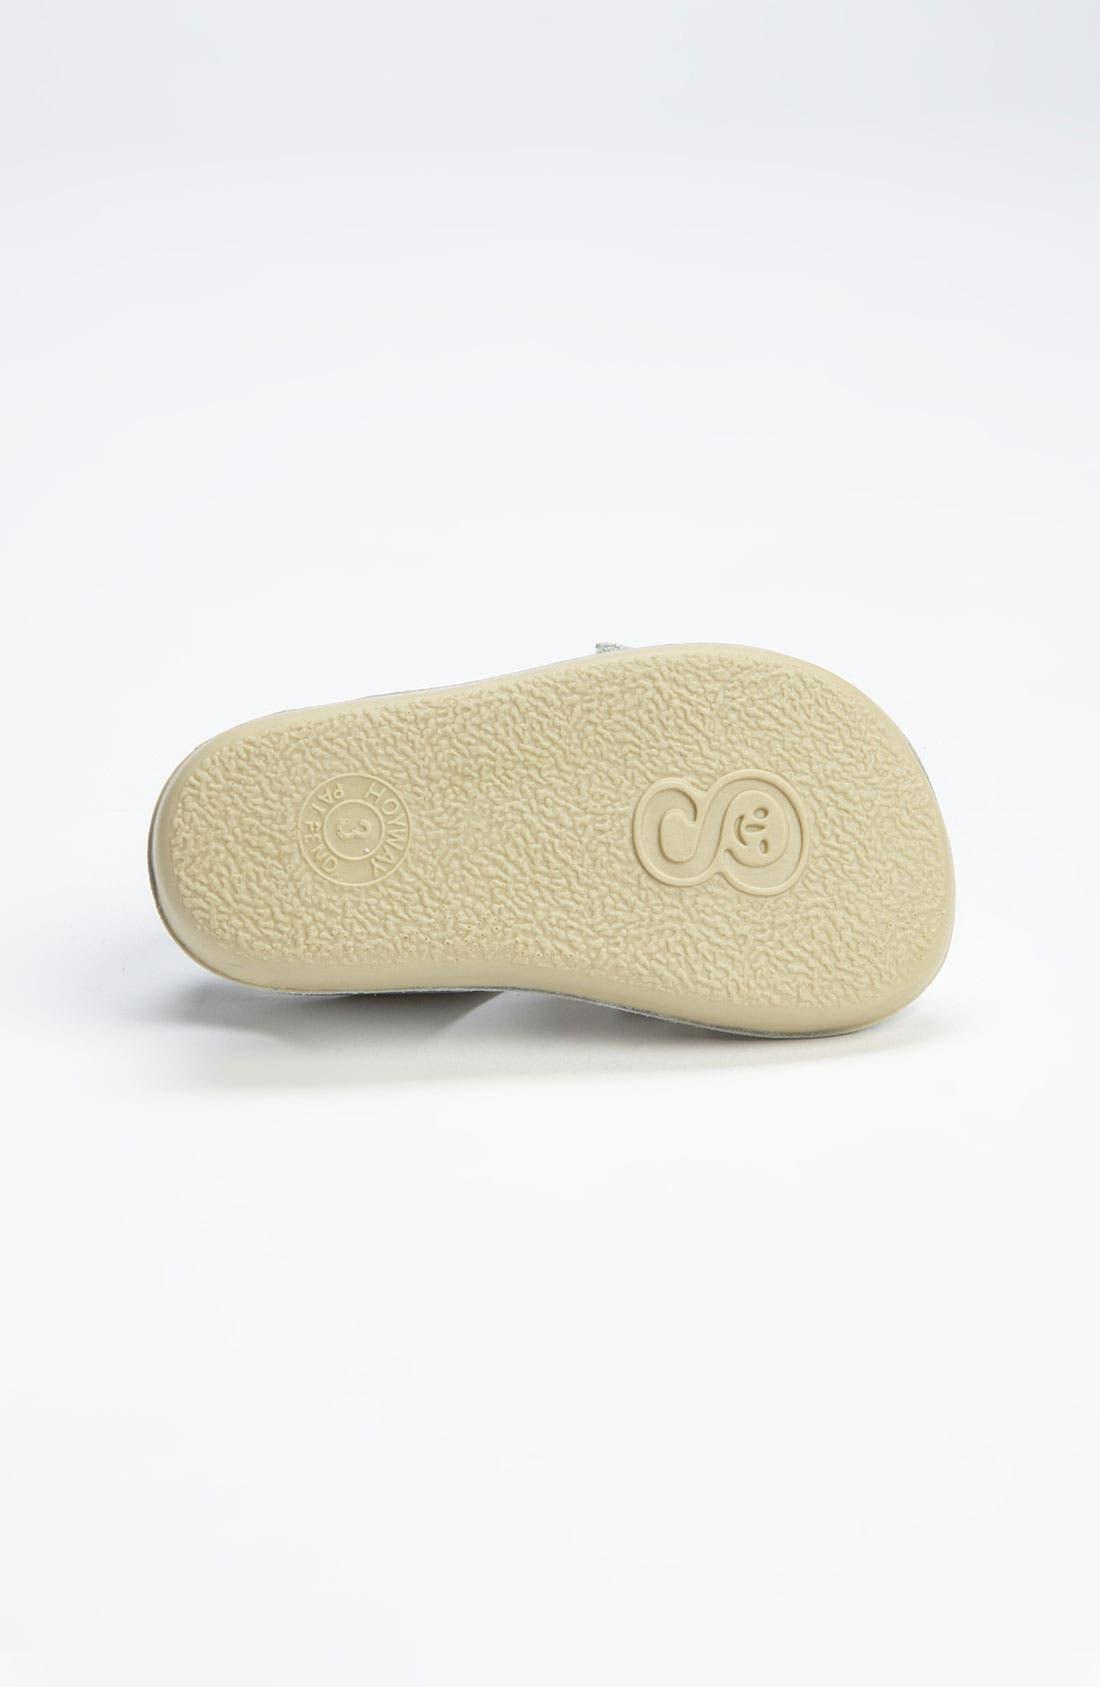 Alternate Image 4  - Salt Water Sandals by Hoy 'Sea Wee' Sandal (Baby)